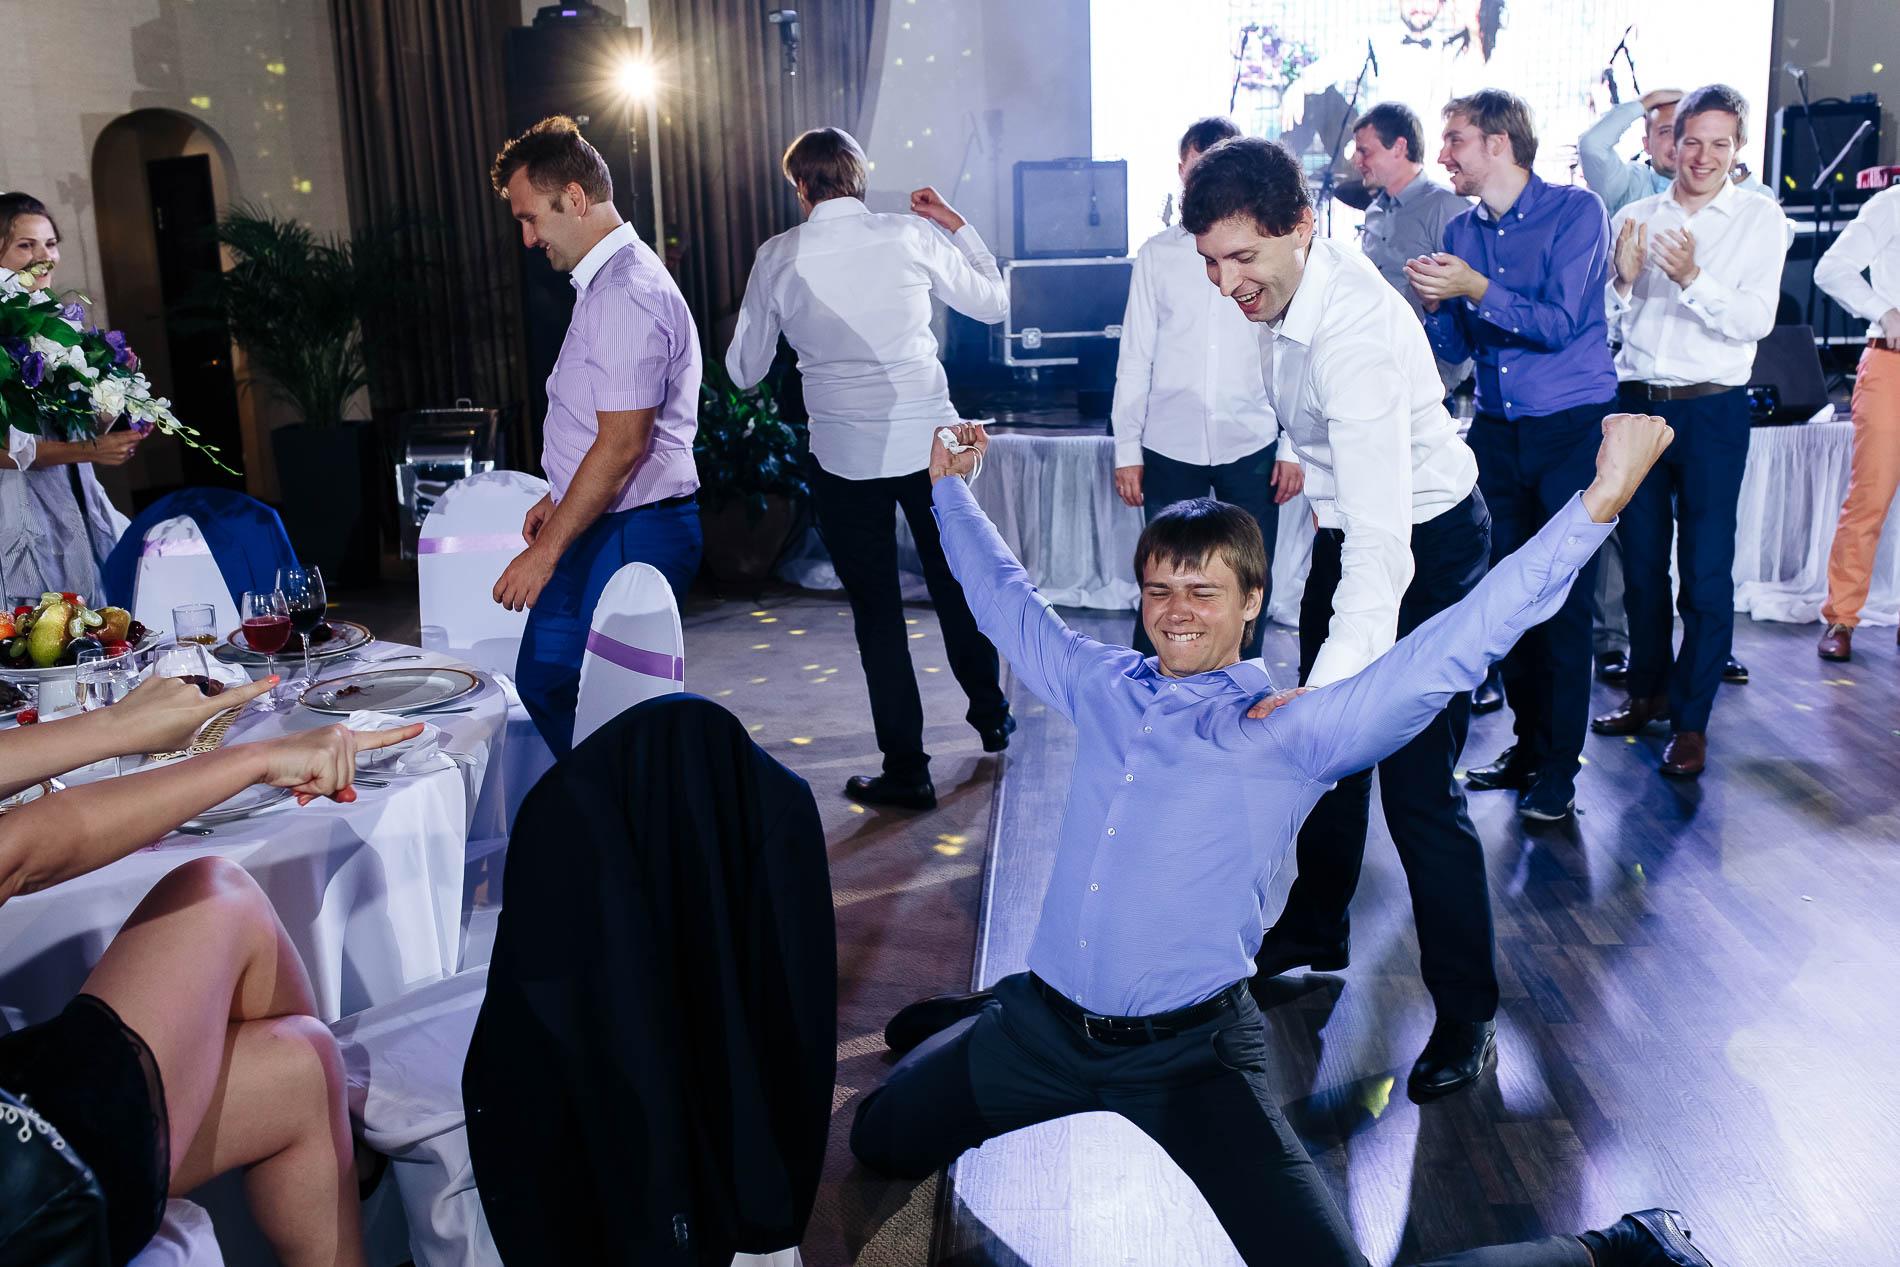 Свадебный фотограф Кузьмин Павел.